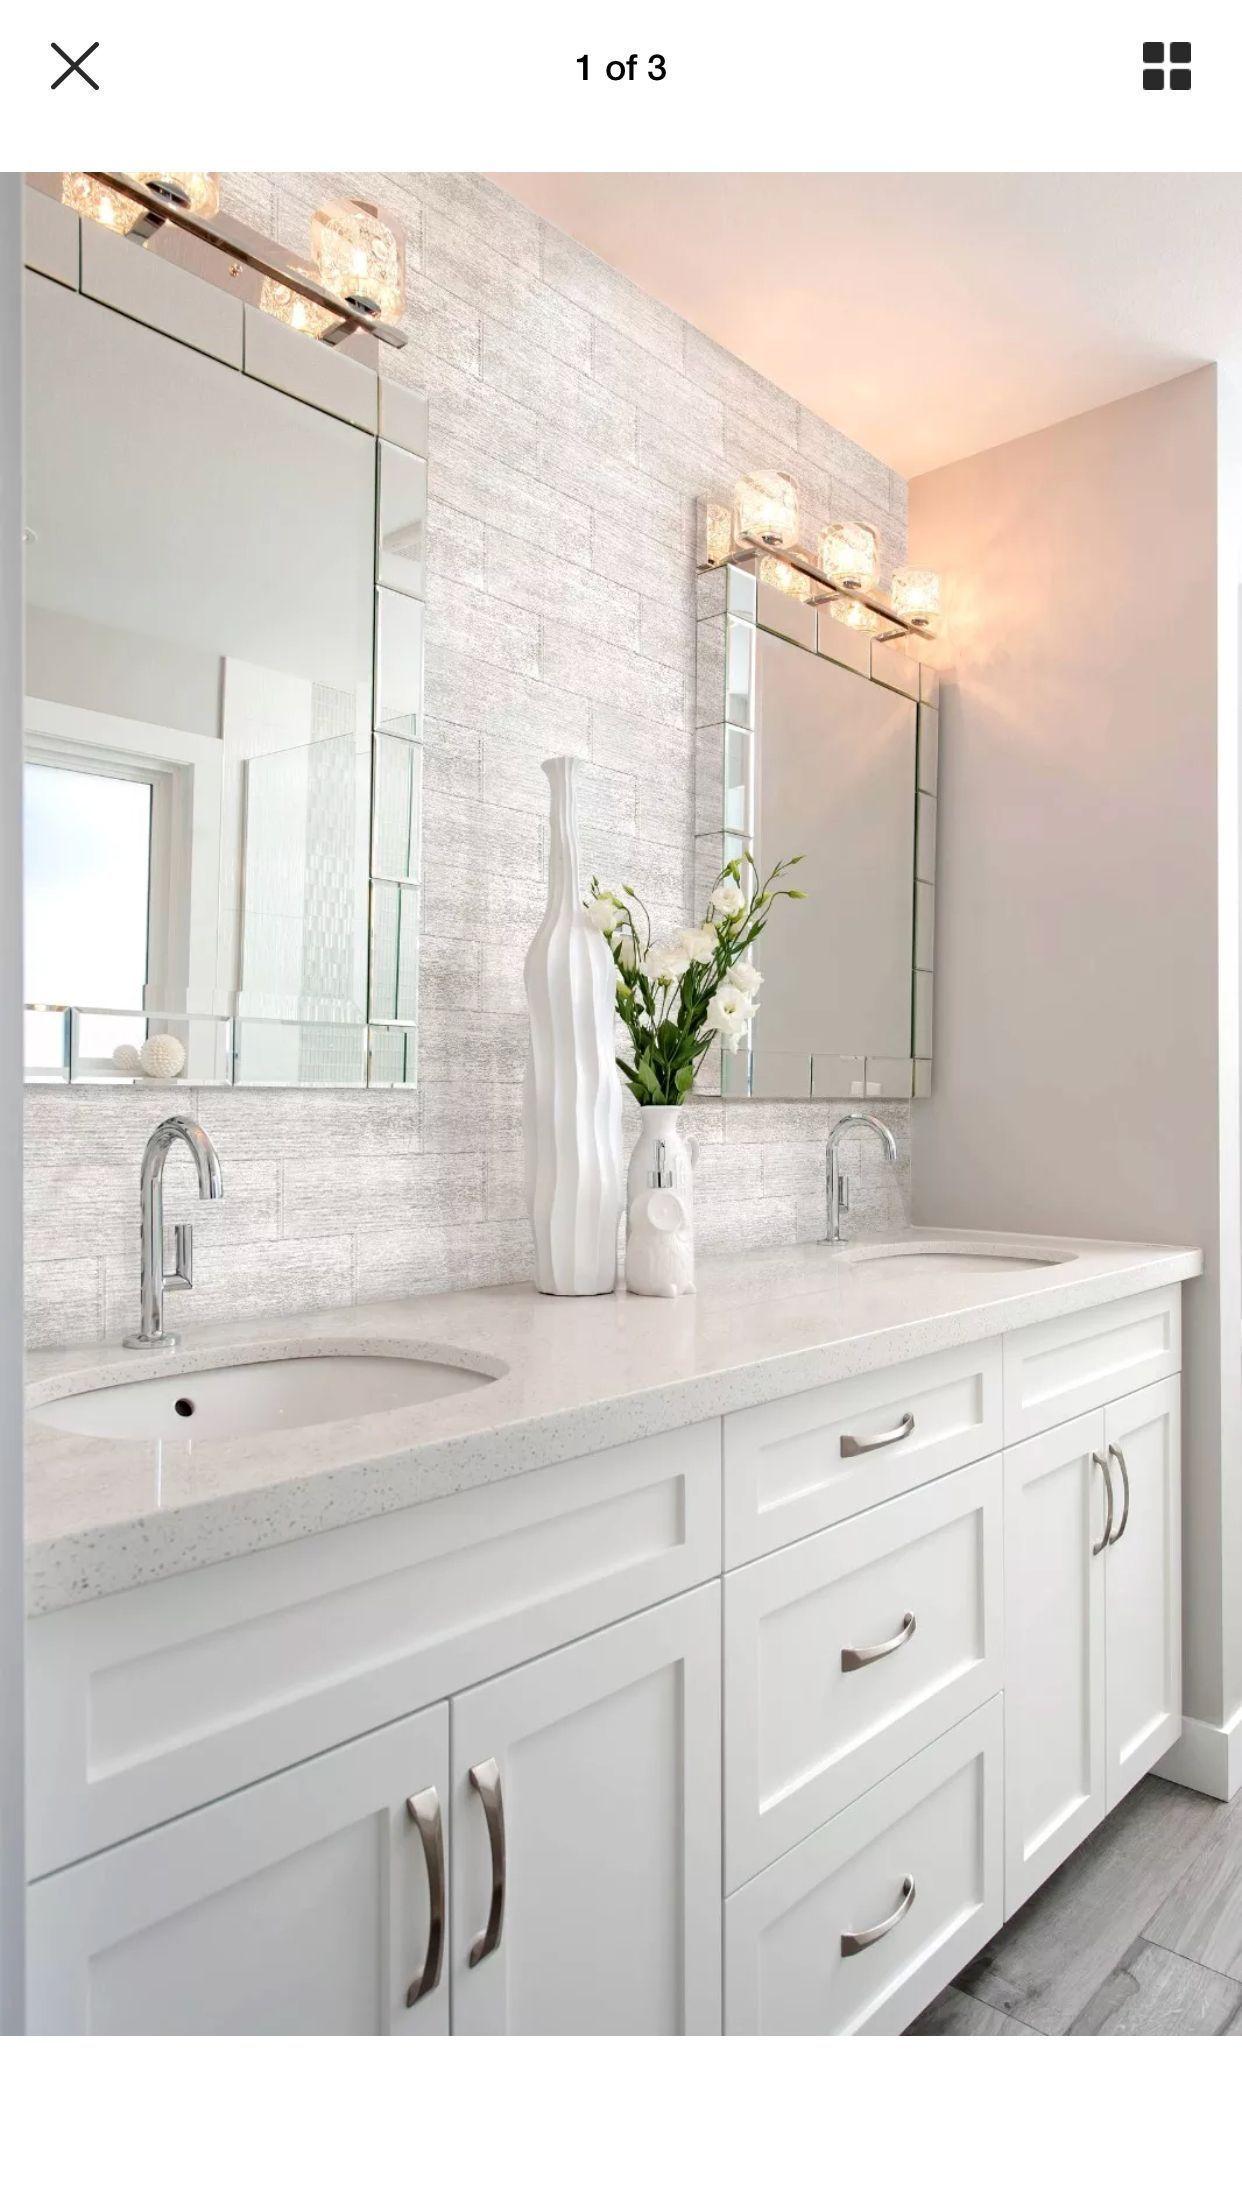 23 Vanities Bathroom Ideas To Get Your Best Vanitiesbathroom Vanitiesbathroomideas Vanitybathro Bathroom Vanity Designs Double Vanity Bathroom Vanity Design [ jpg ]